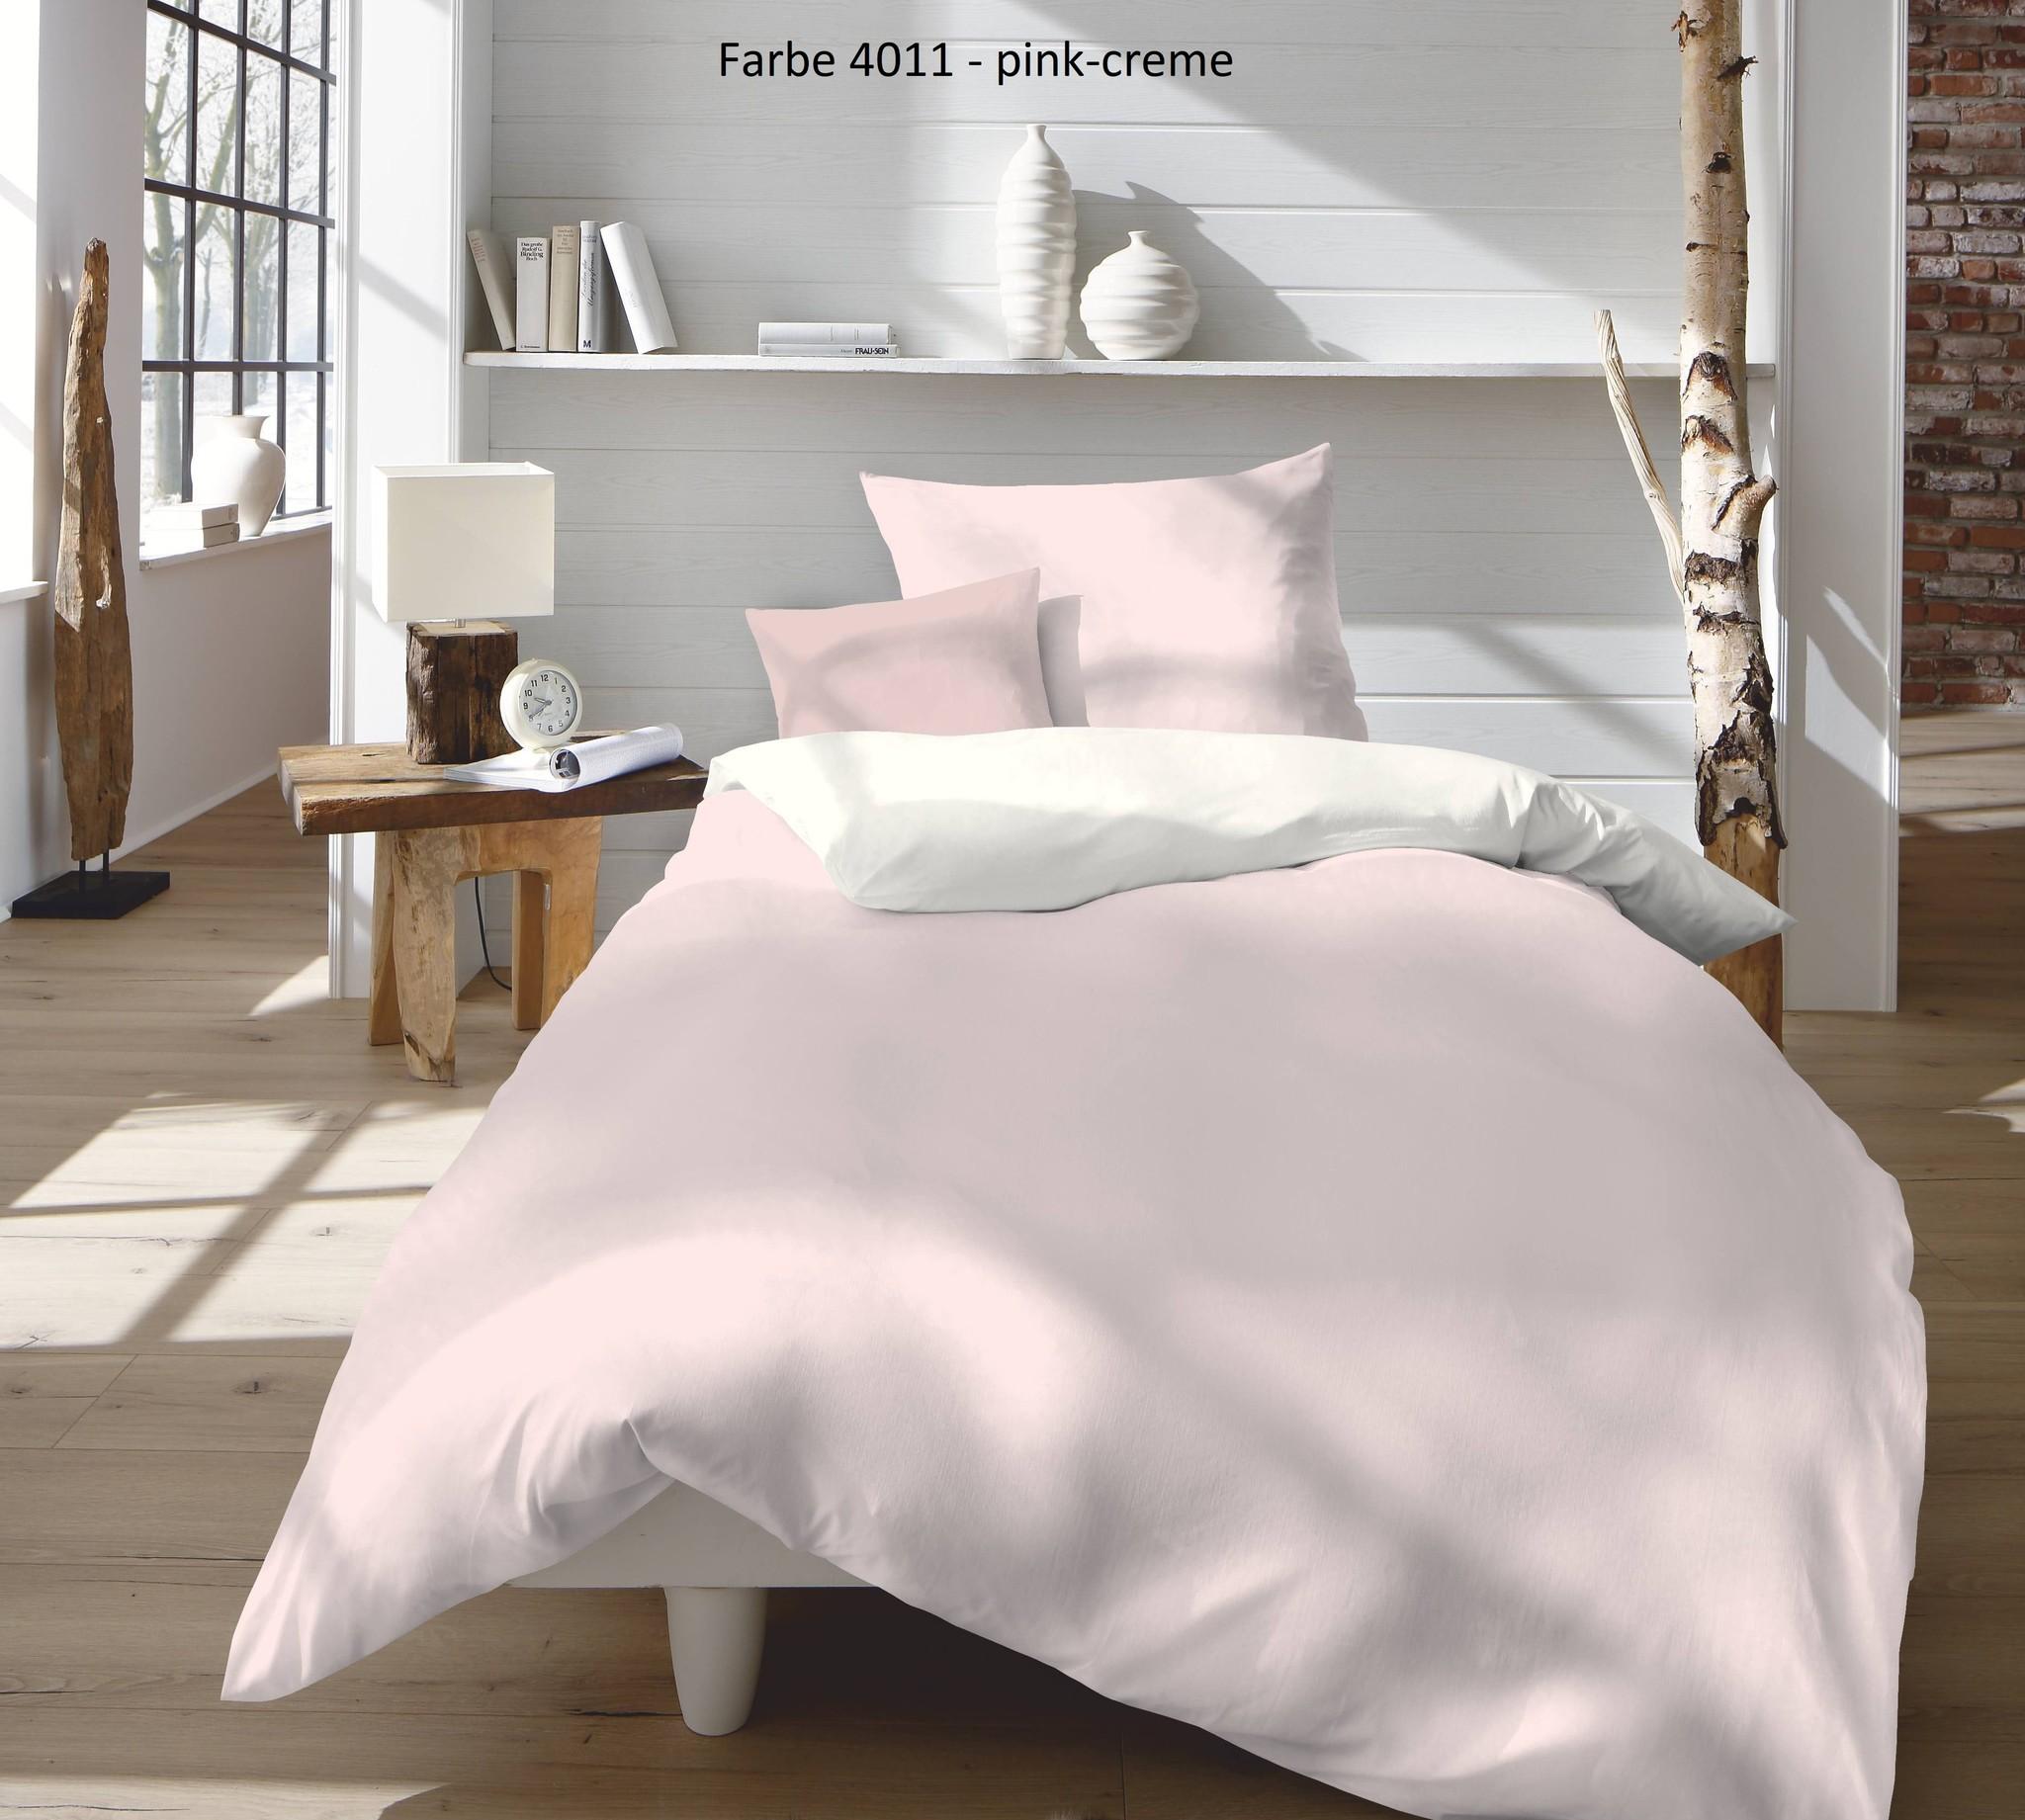 Provence W- Leinen Wendebettwäsche -3 Farbstellungen-50% Leinen 50% Baumwolle